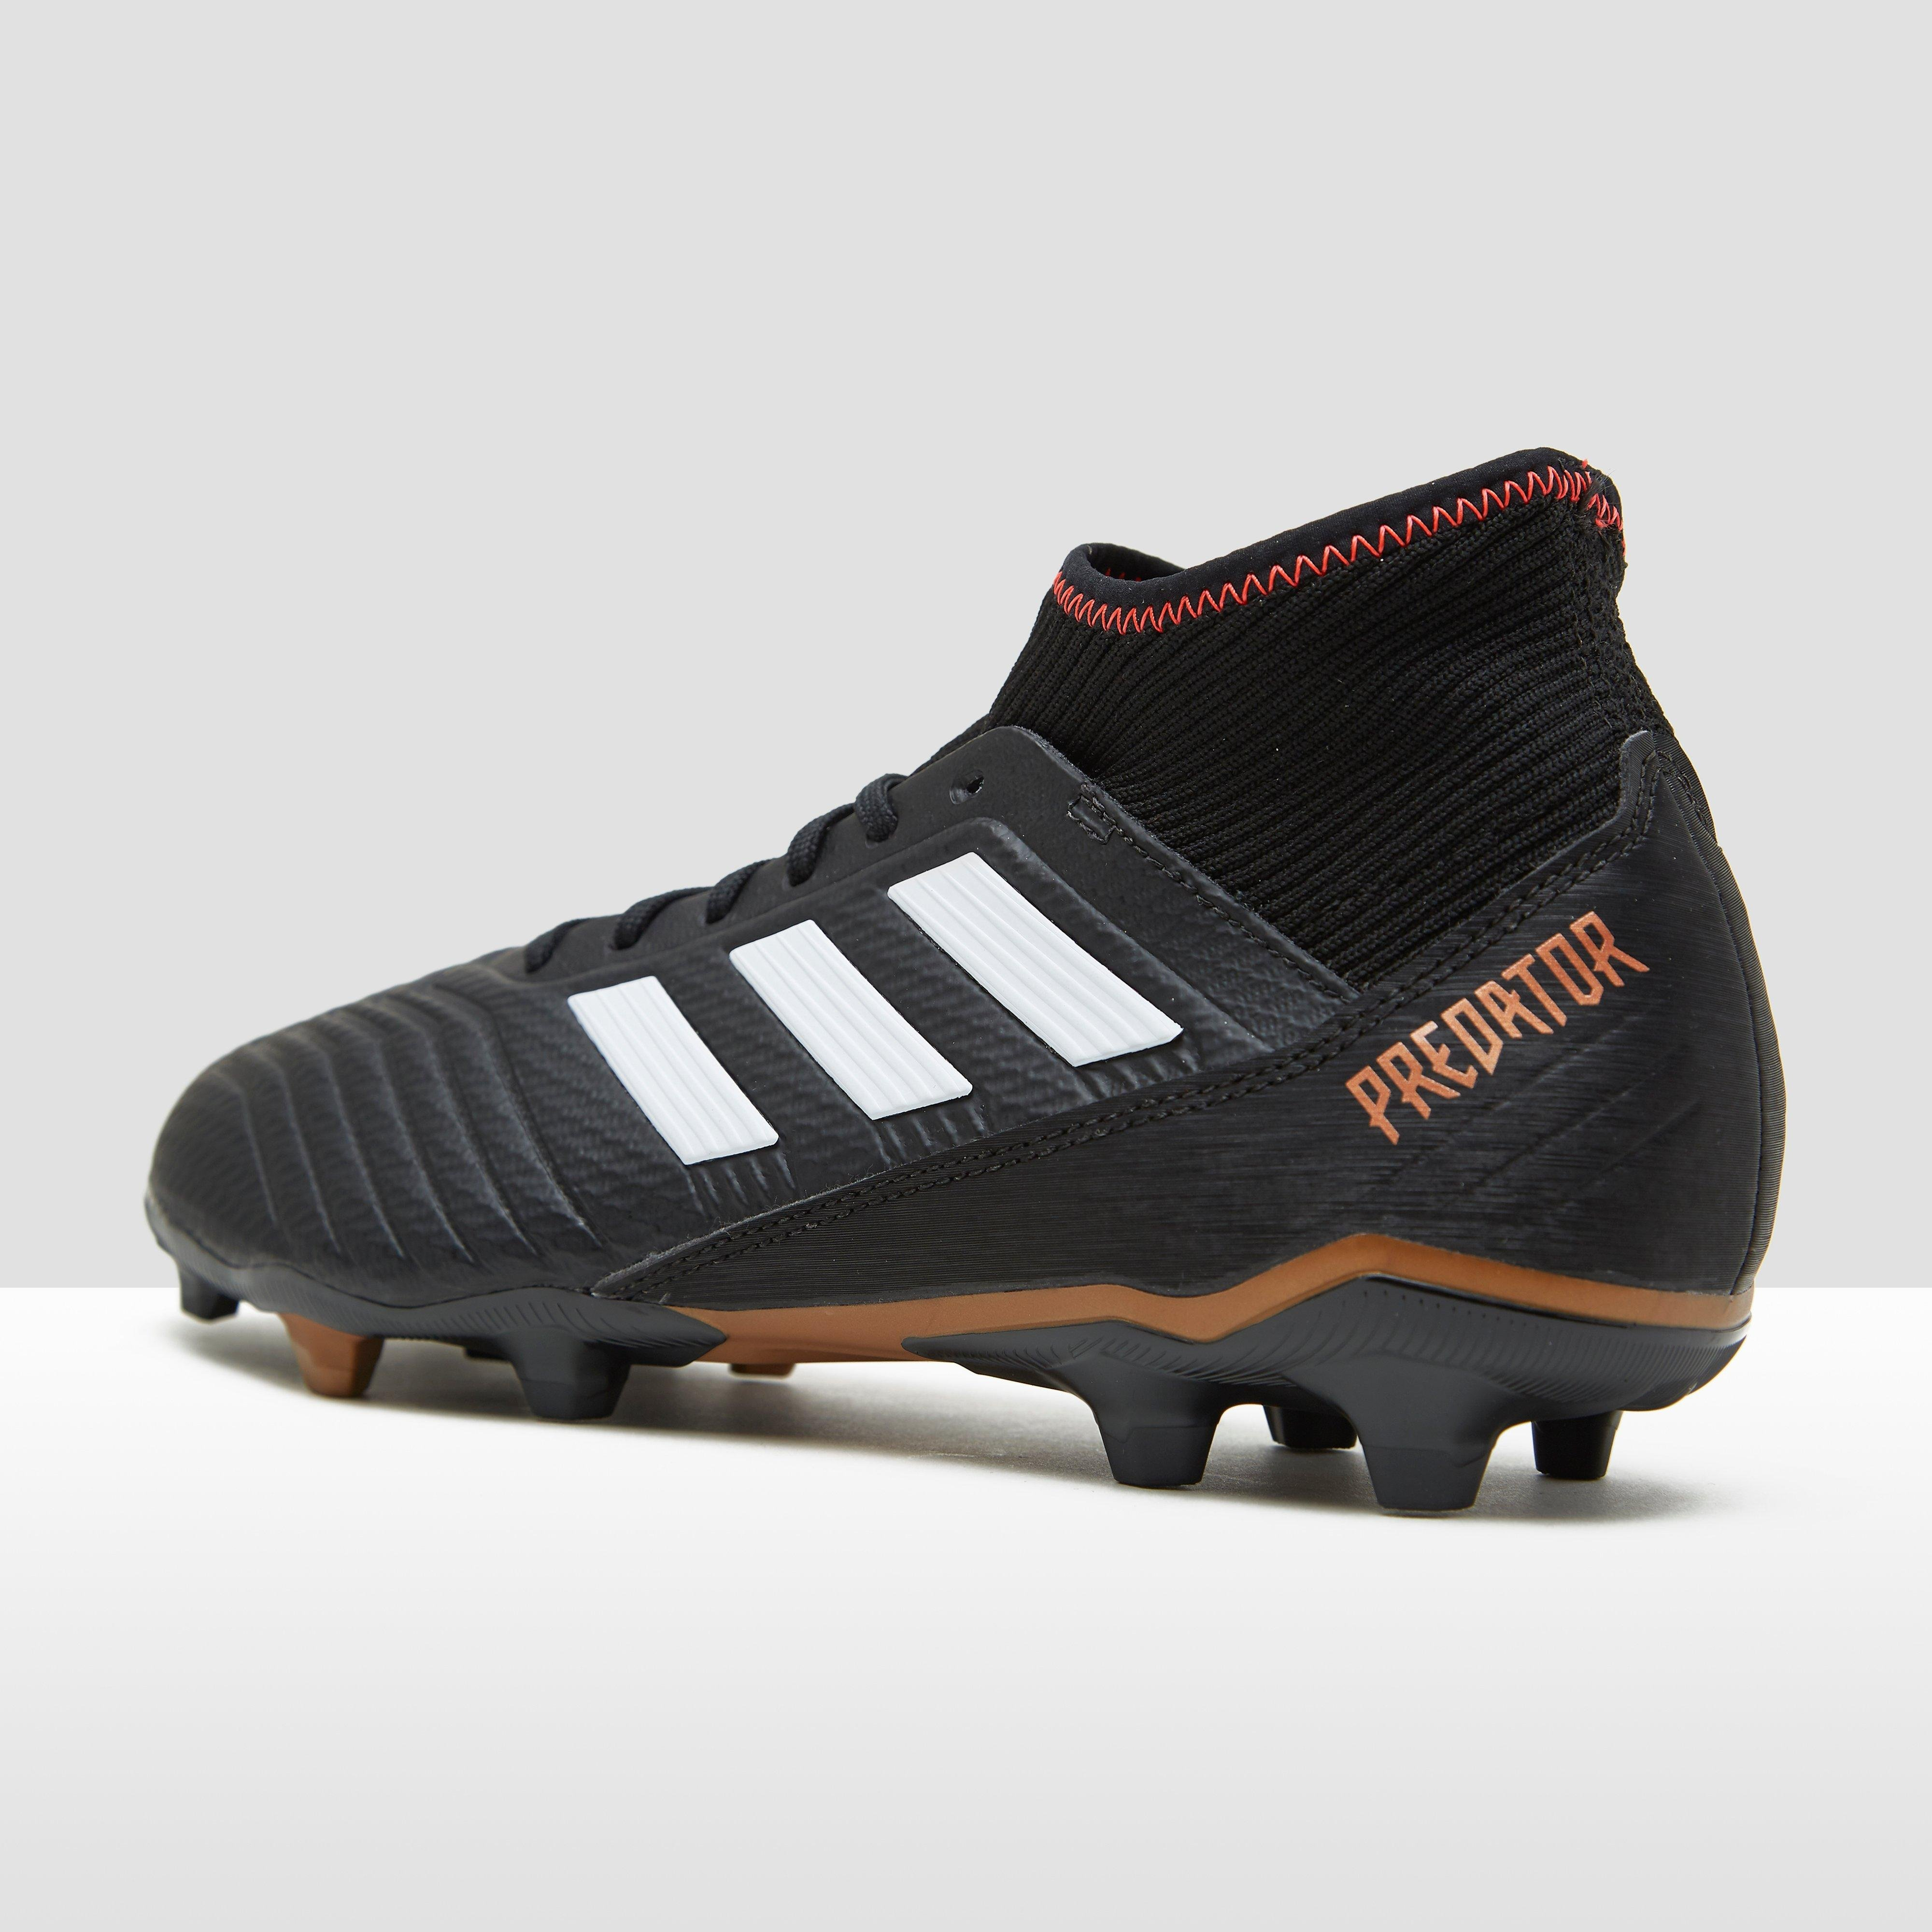 Noir Chaussures Adidas Prédateur Pour Les Hommes efGJUTwM